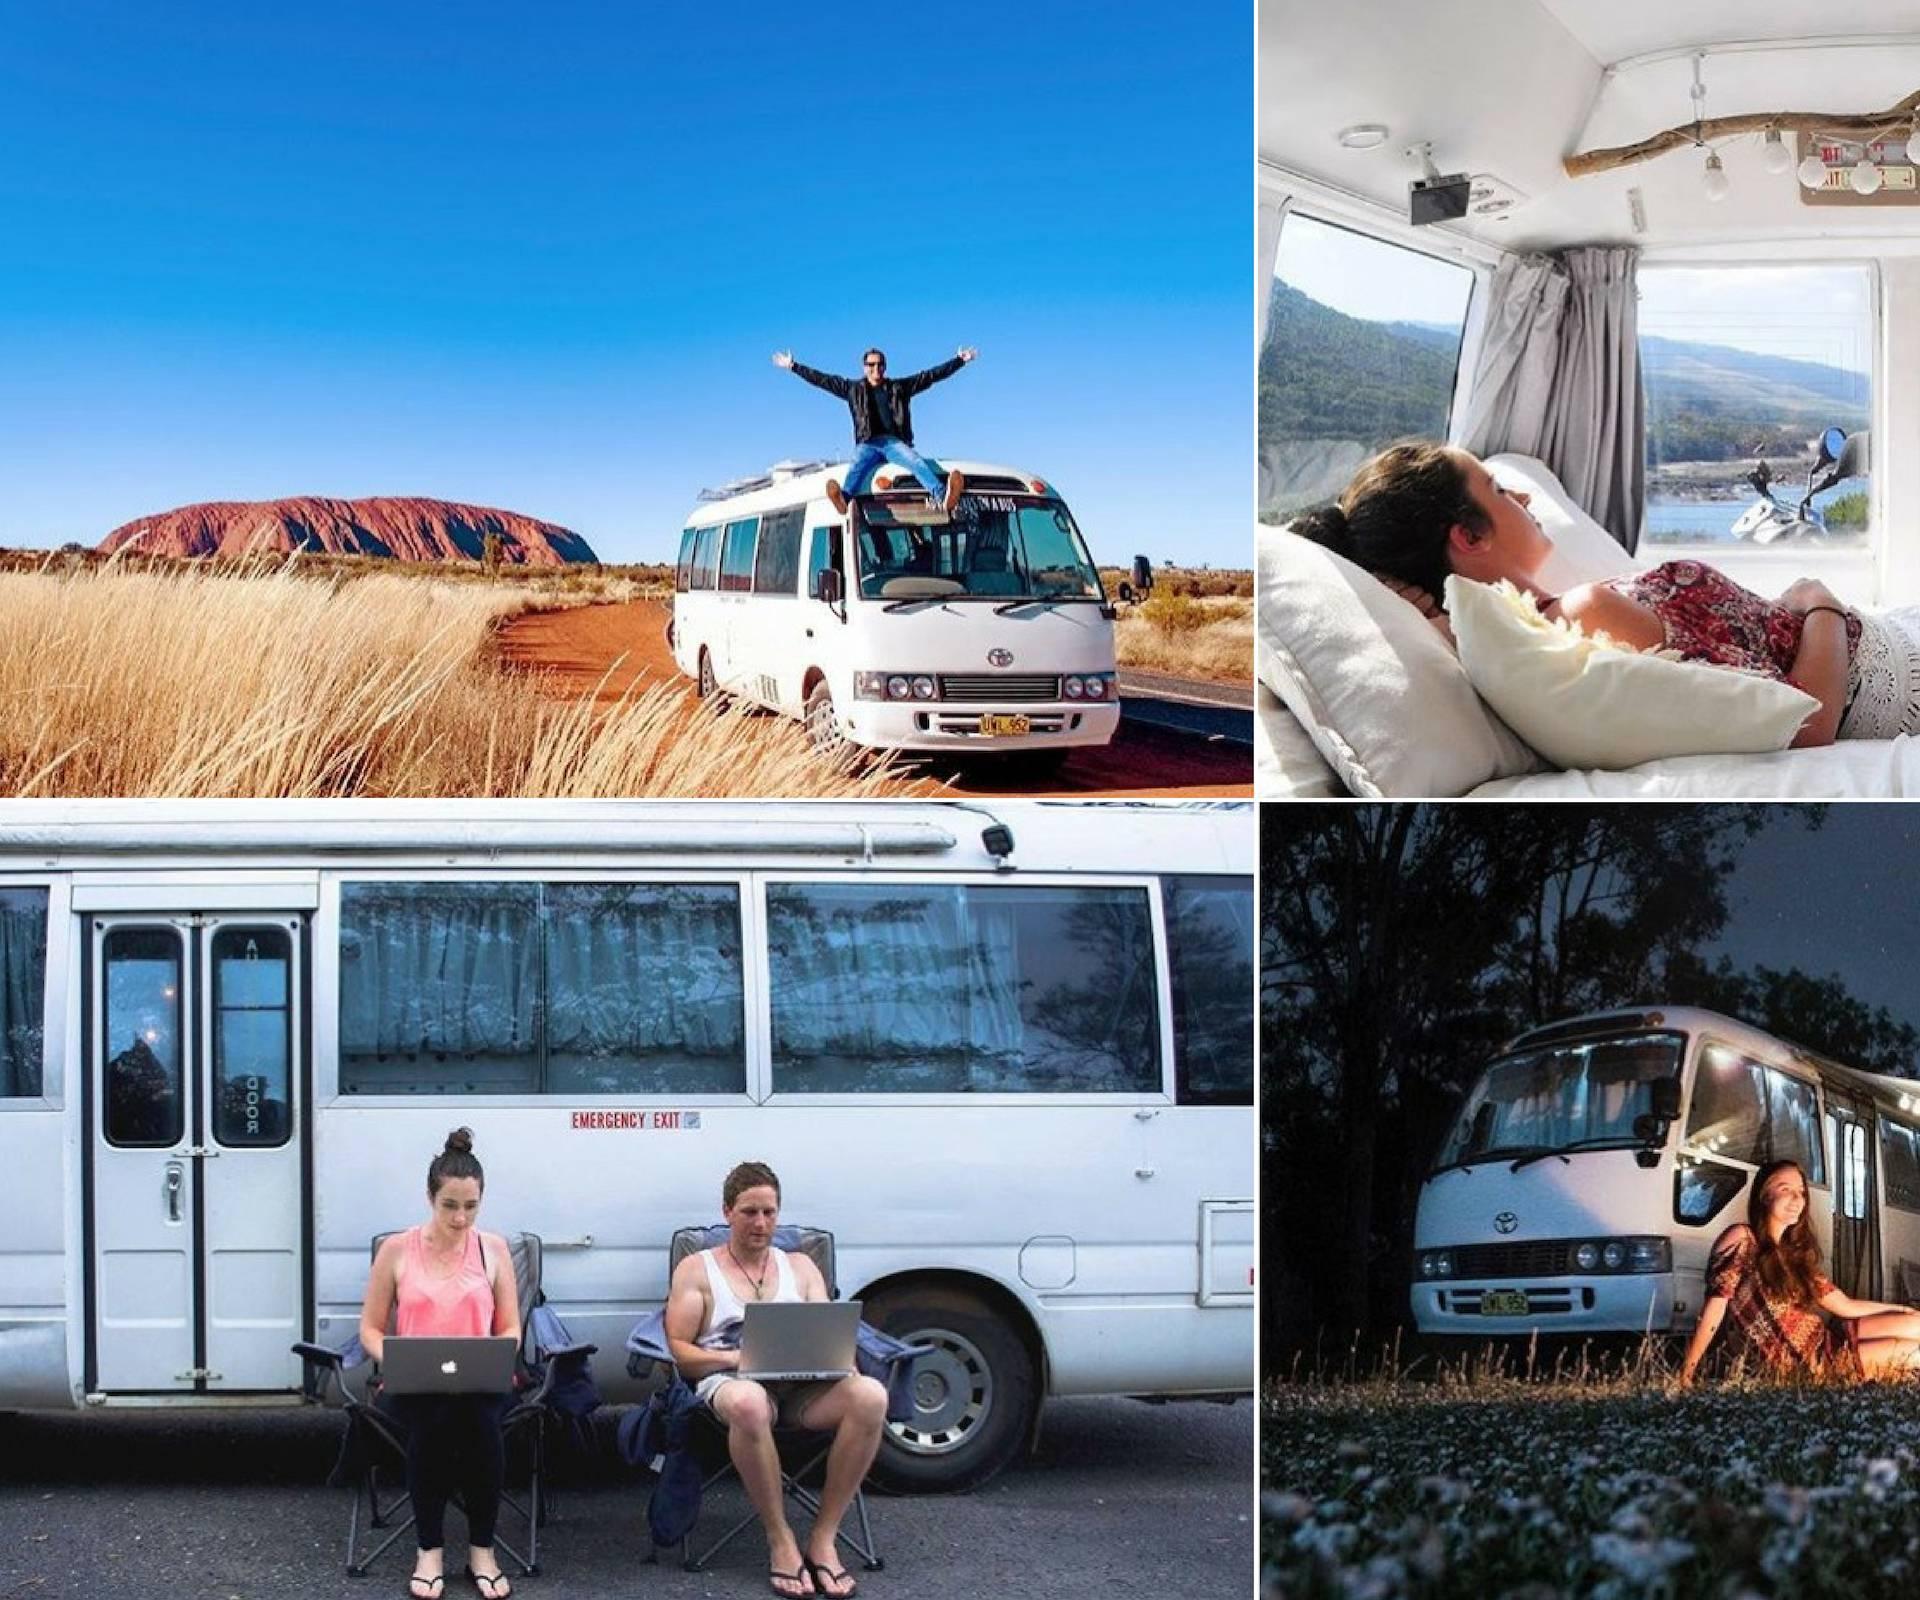 Prodali sve što su imali i počeli novi život u starom autobusu